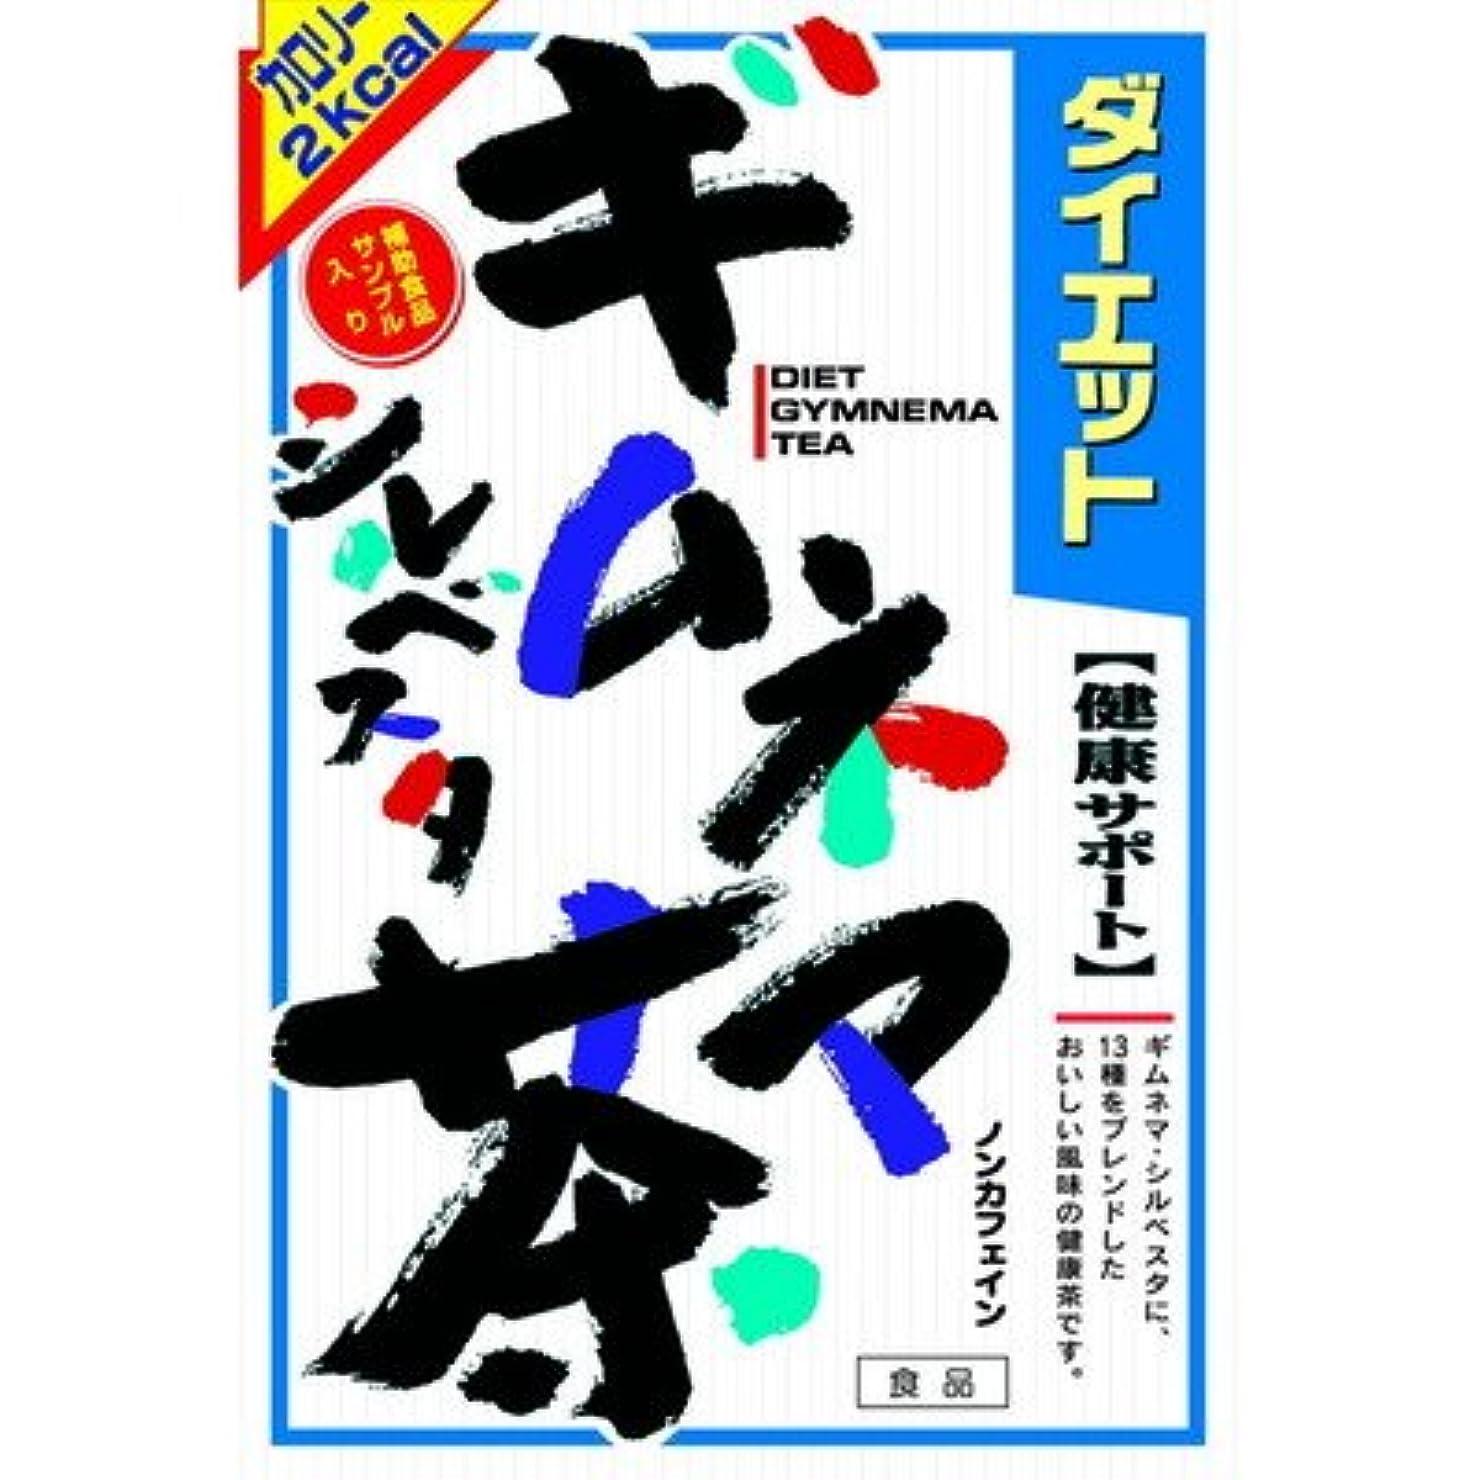 受信神話エクスタシー山本漢方 ダイエットギムネマシルベスタ茶 8g x 24包【2個セット】